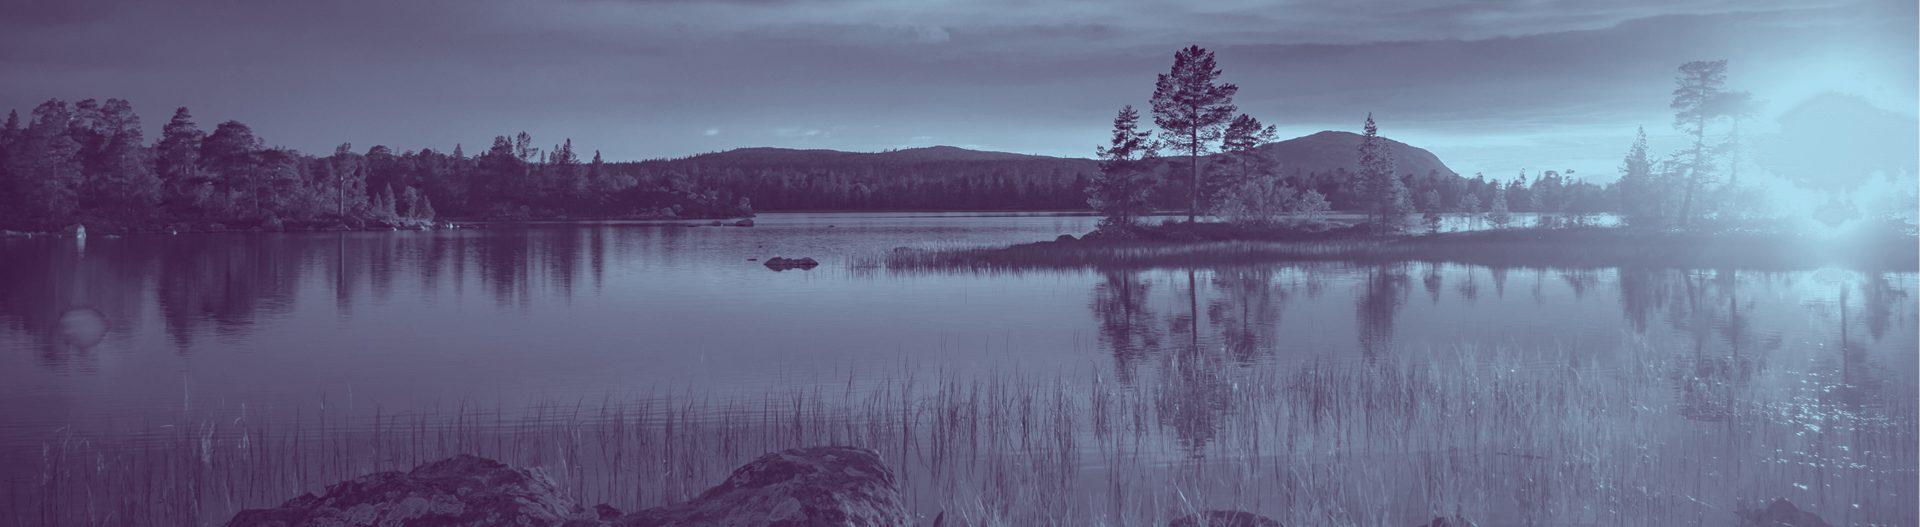 Jämtlands län